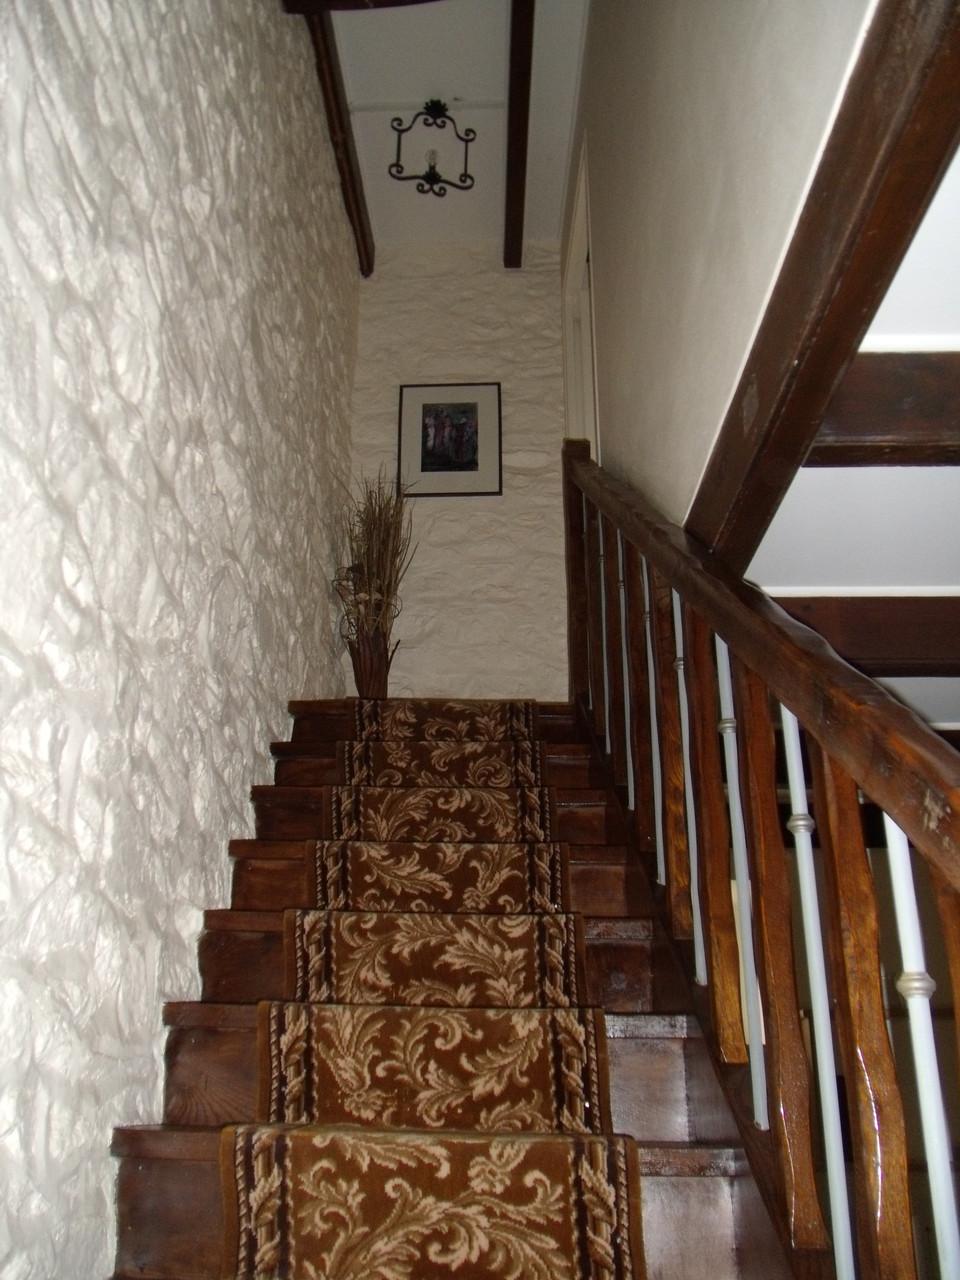 Escalier pour accès au 1er étage